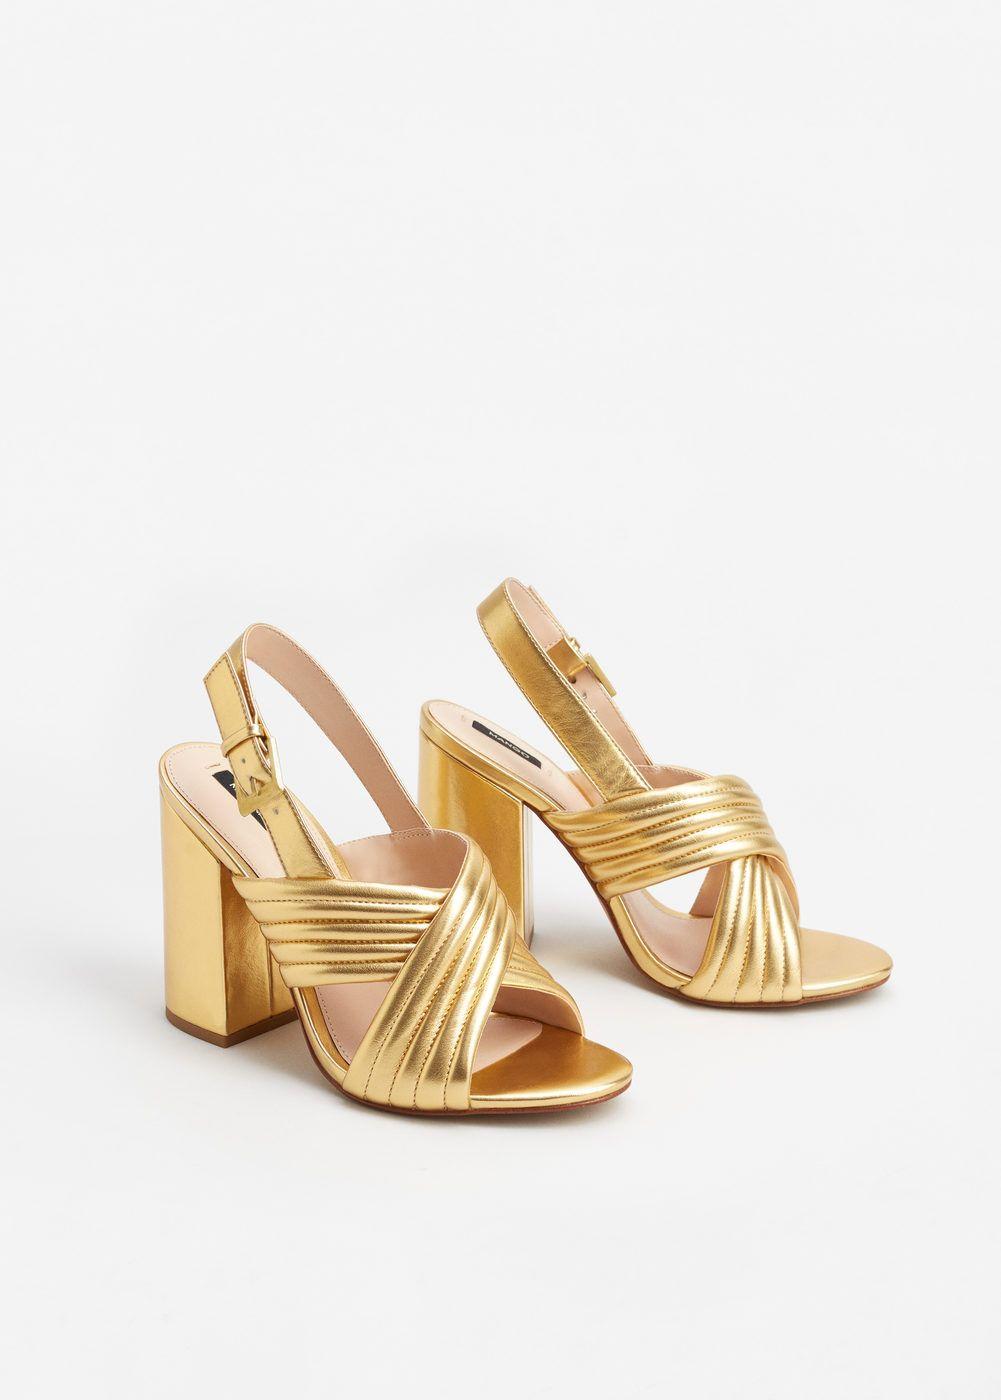 1965643f4daae Sandales croisées métallisées - Femme   Shoes